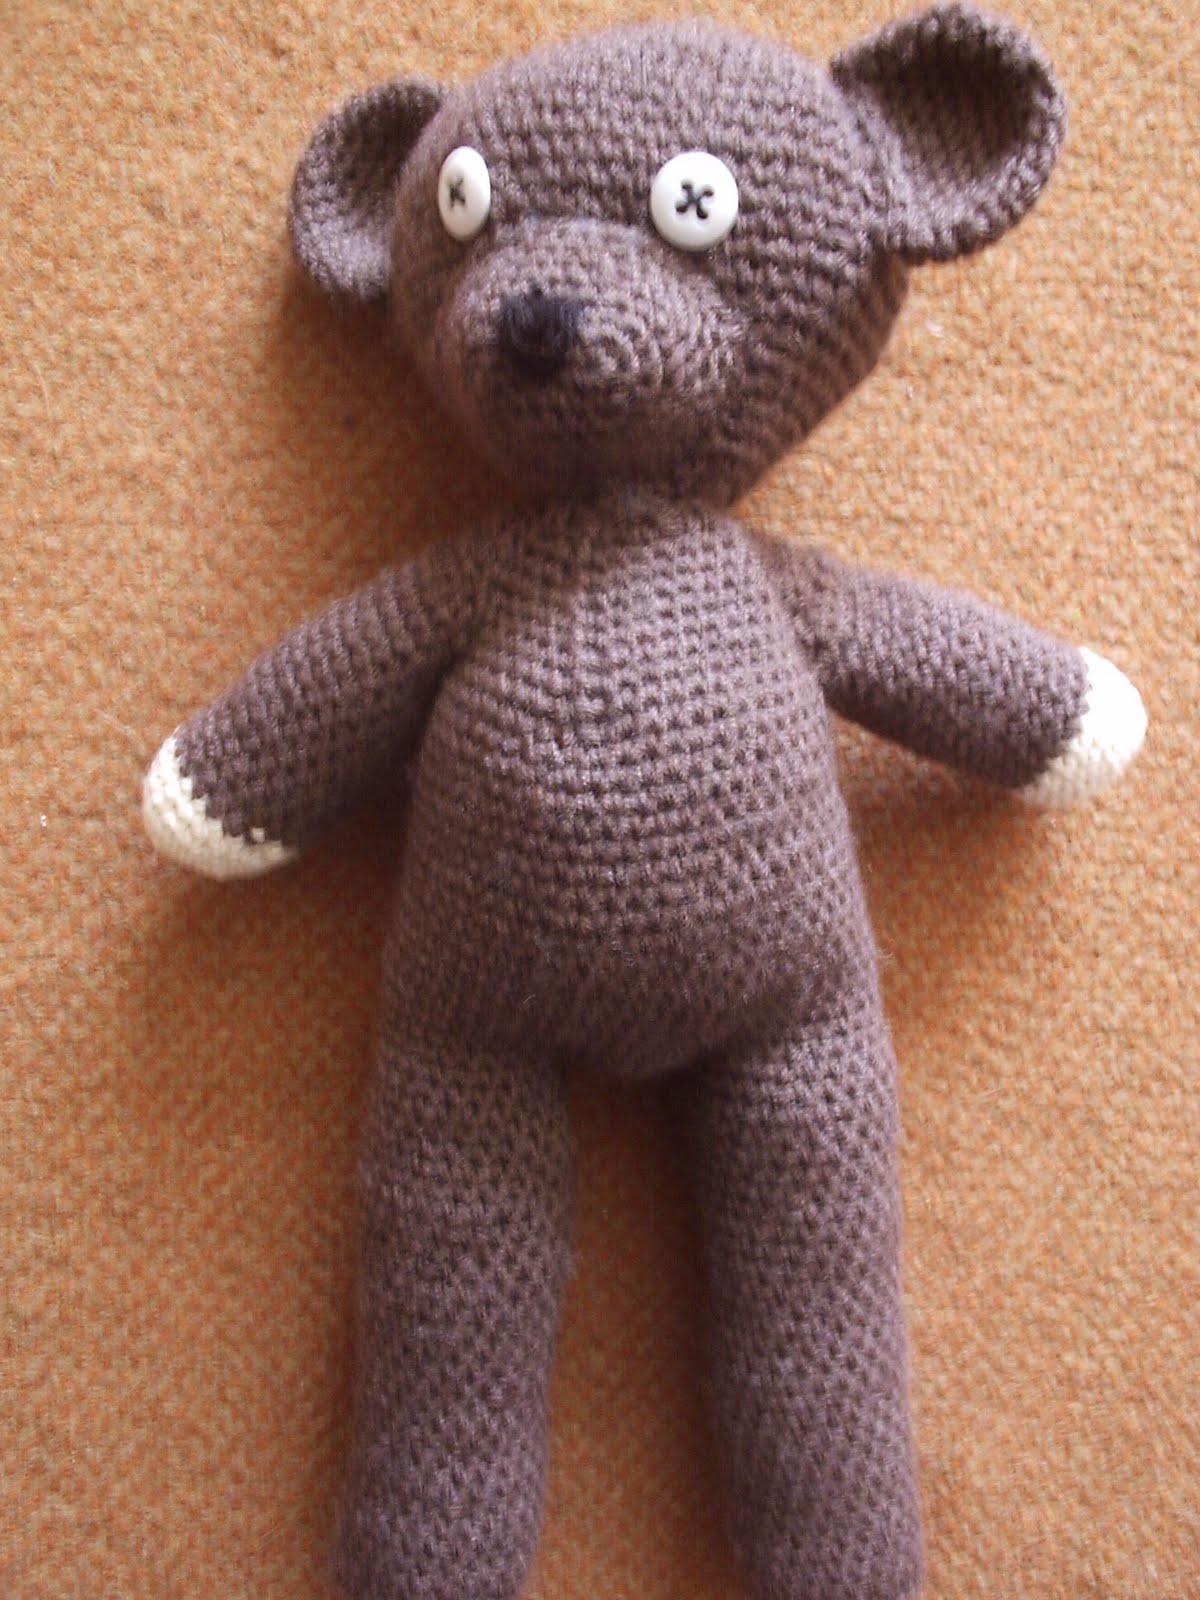 Crochet on Pinterest Crochet Patterns, Free Crochet and Learn To Crochet